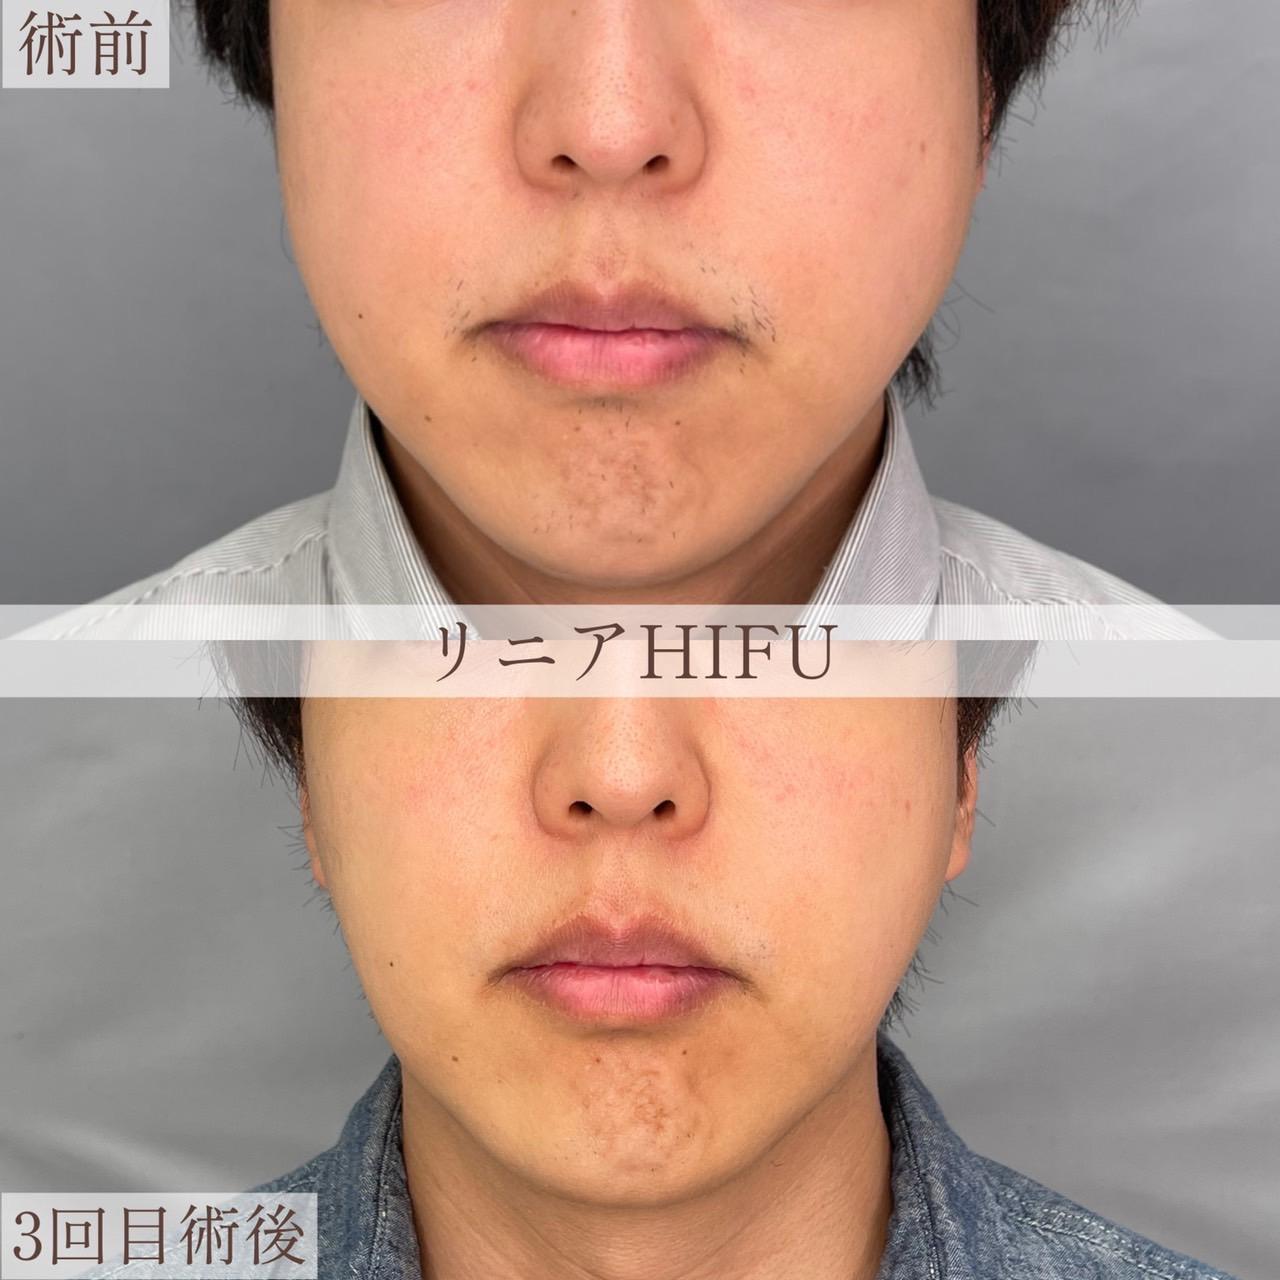 リニアHIFUの画像